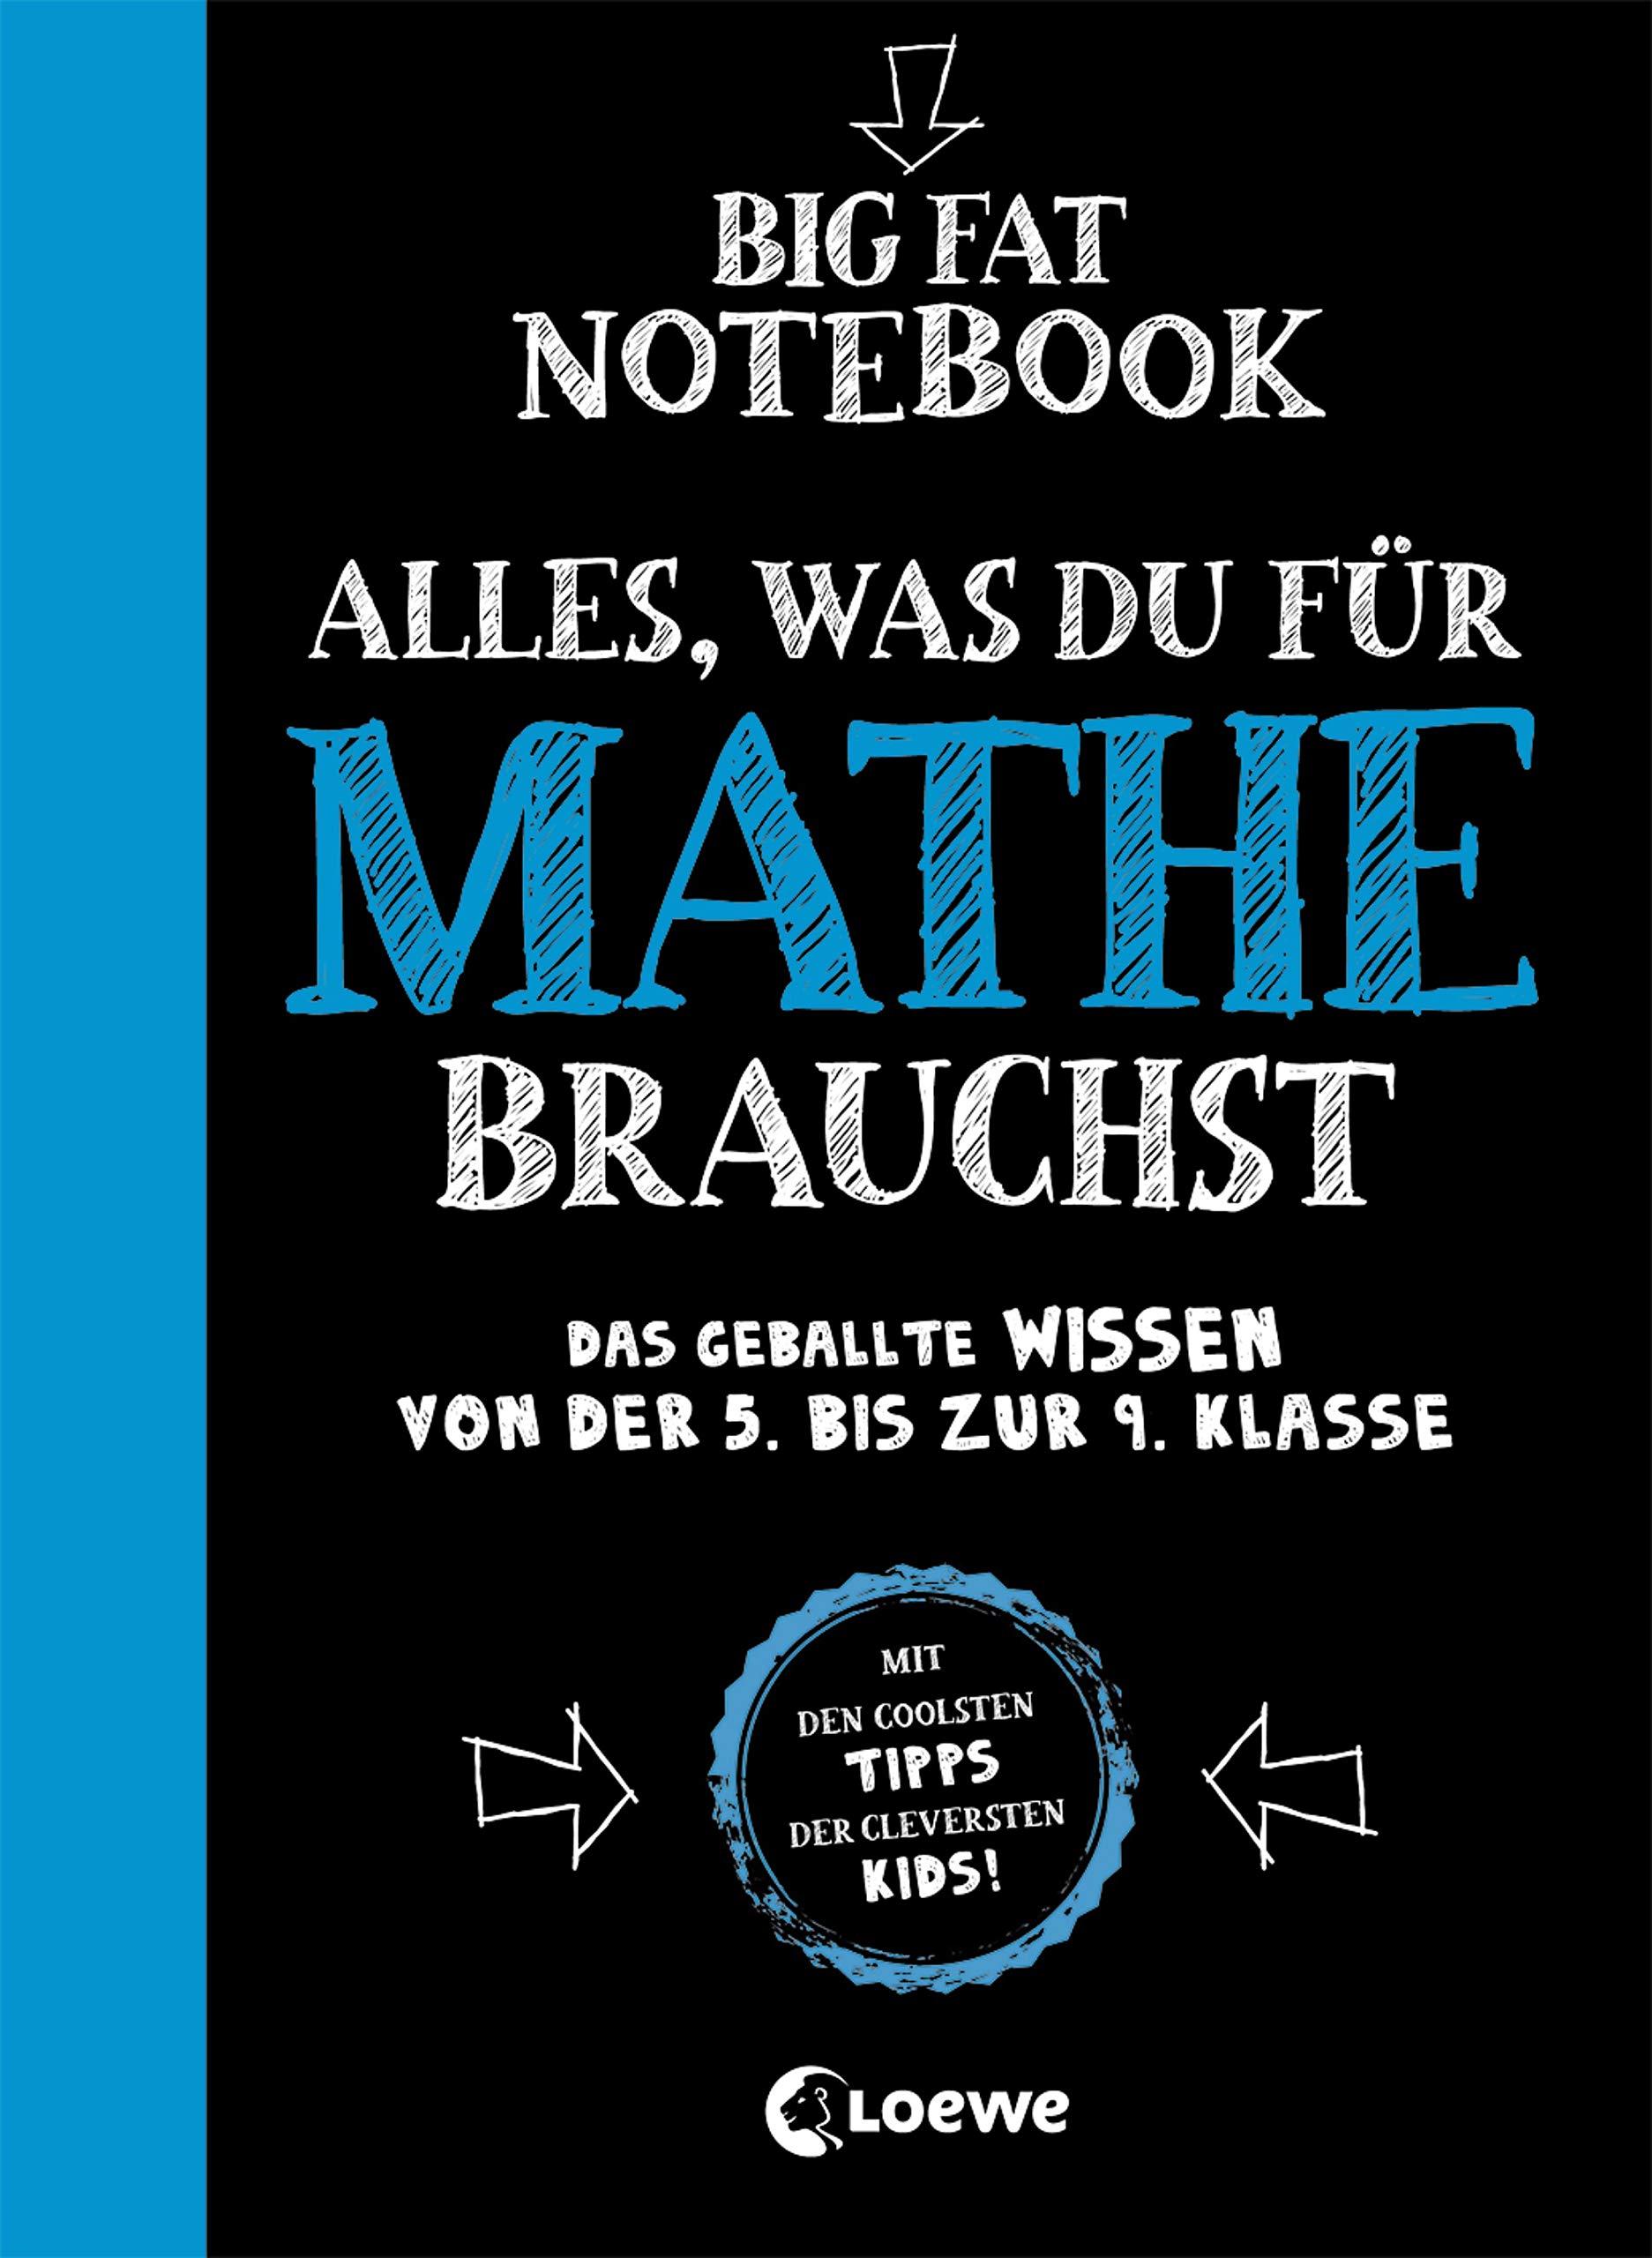 Big Fat Notebook   Alles Was Du Für Mathe Brauchst   Das Geballte Wissen Von Der 5. Bis Zur 9. Klasse  Nachhilfe Für Mathematik Geometrie Und Vieles Mehr